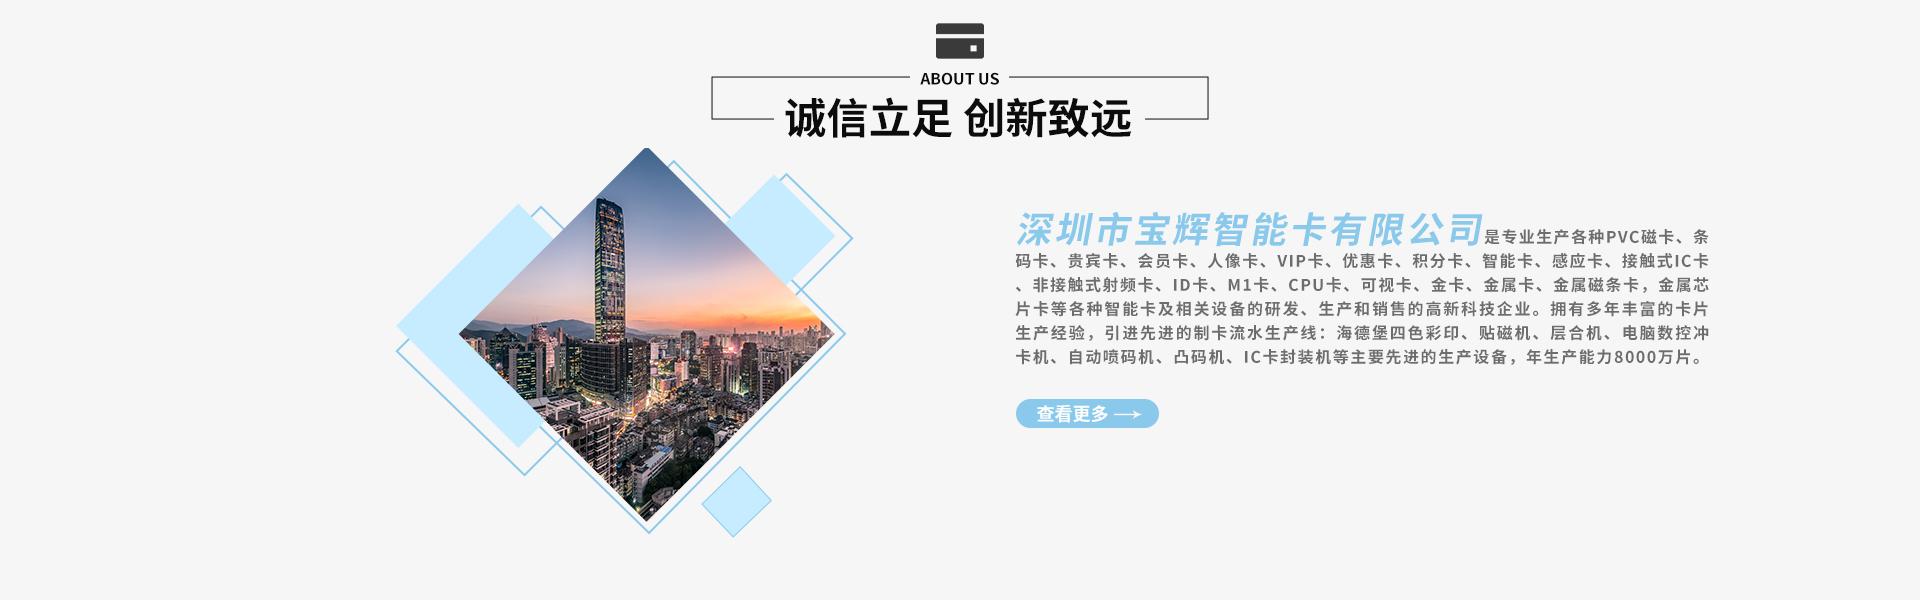 深圳智能卡